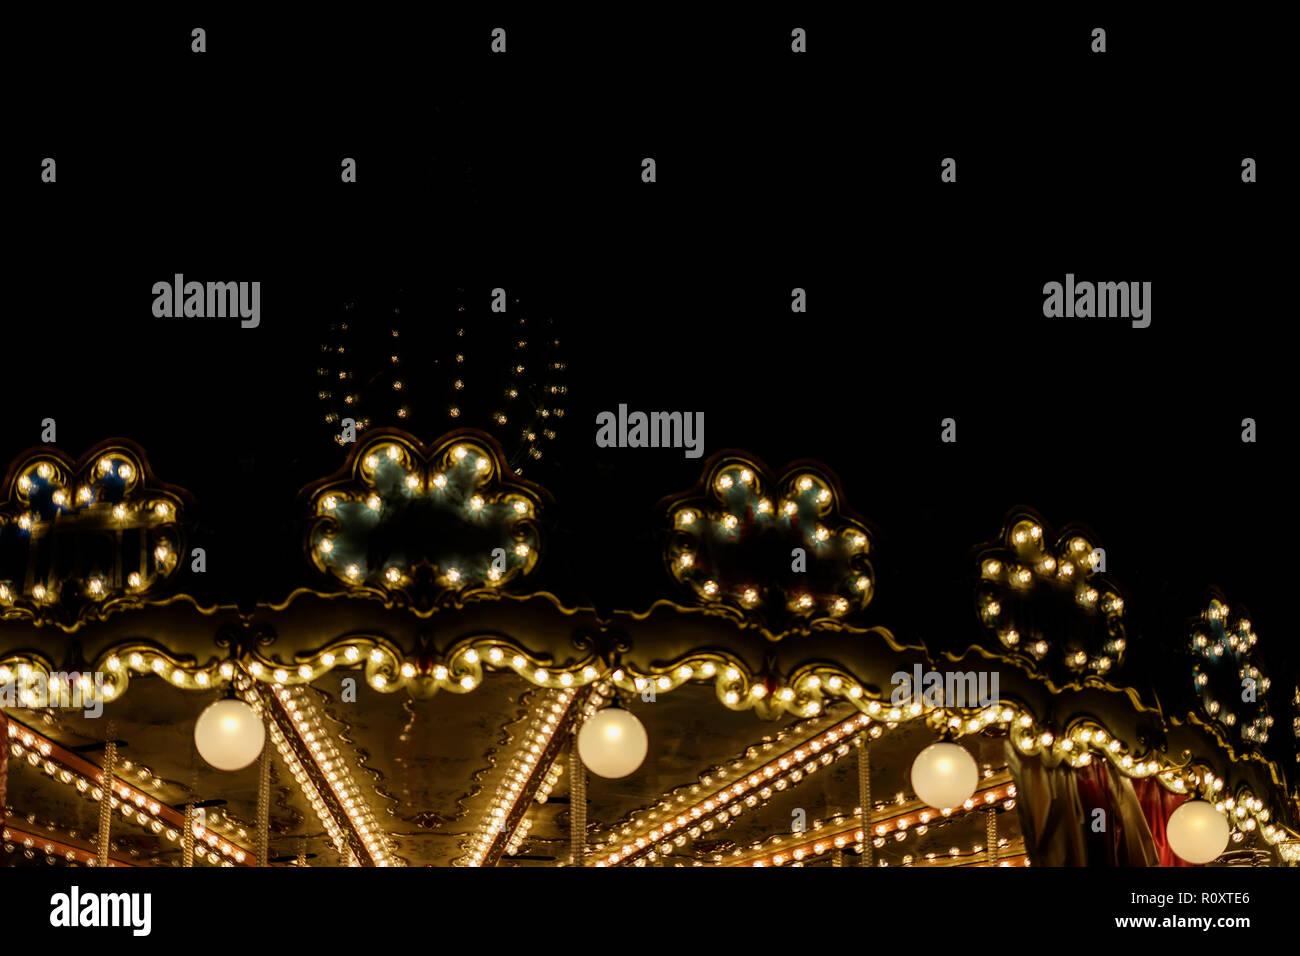 Golden carrousel lumineux lumineux, silhouette sur night city, romantique, nostalgie, mélancolie, d'événements festifs, copy space Photo Stock